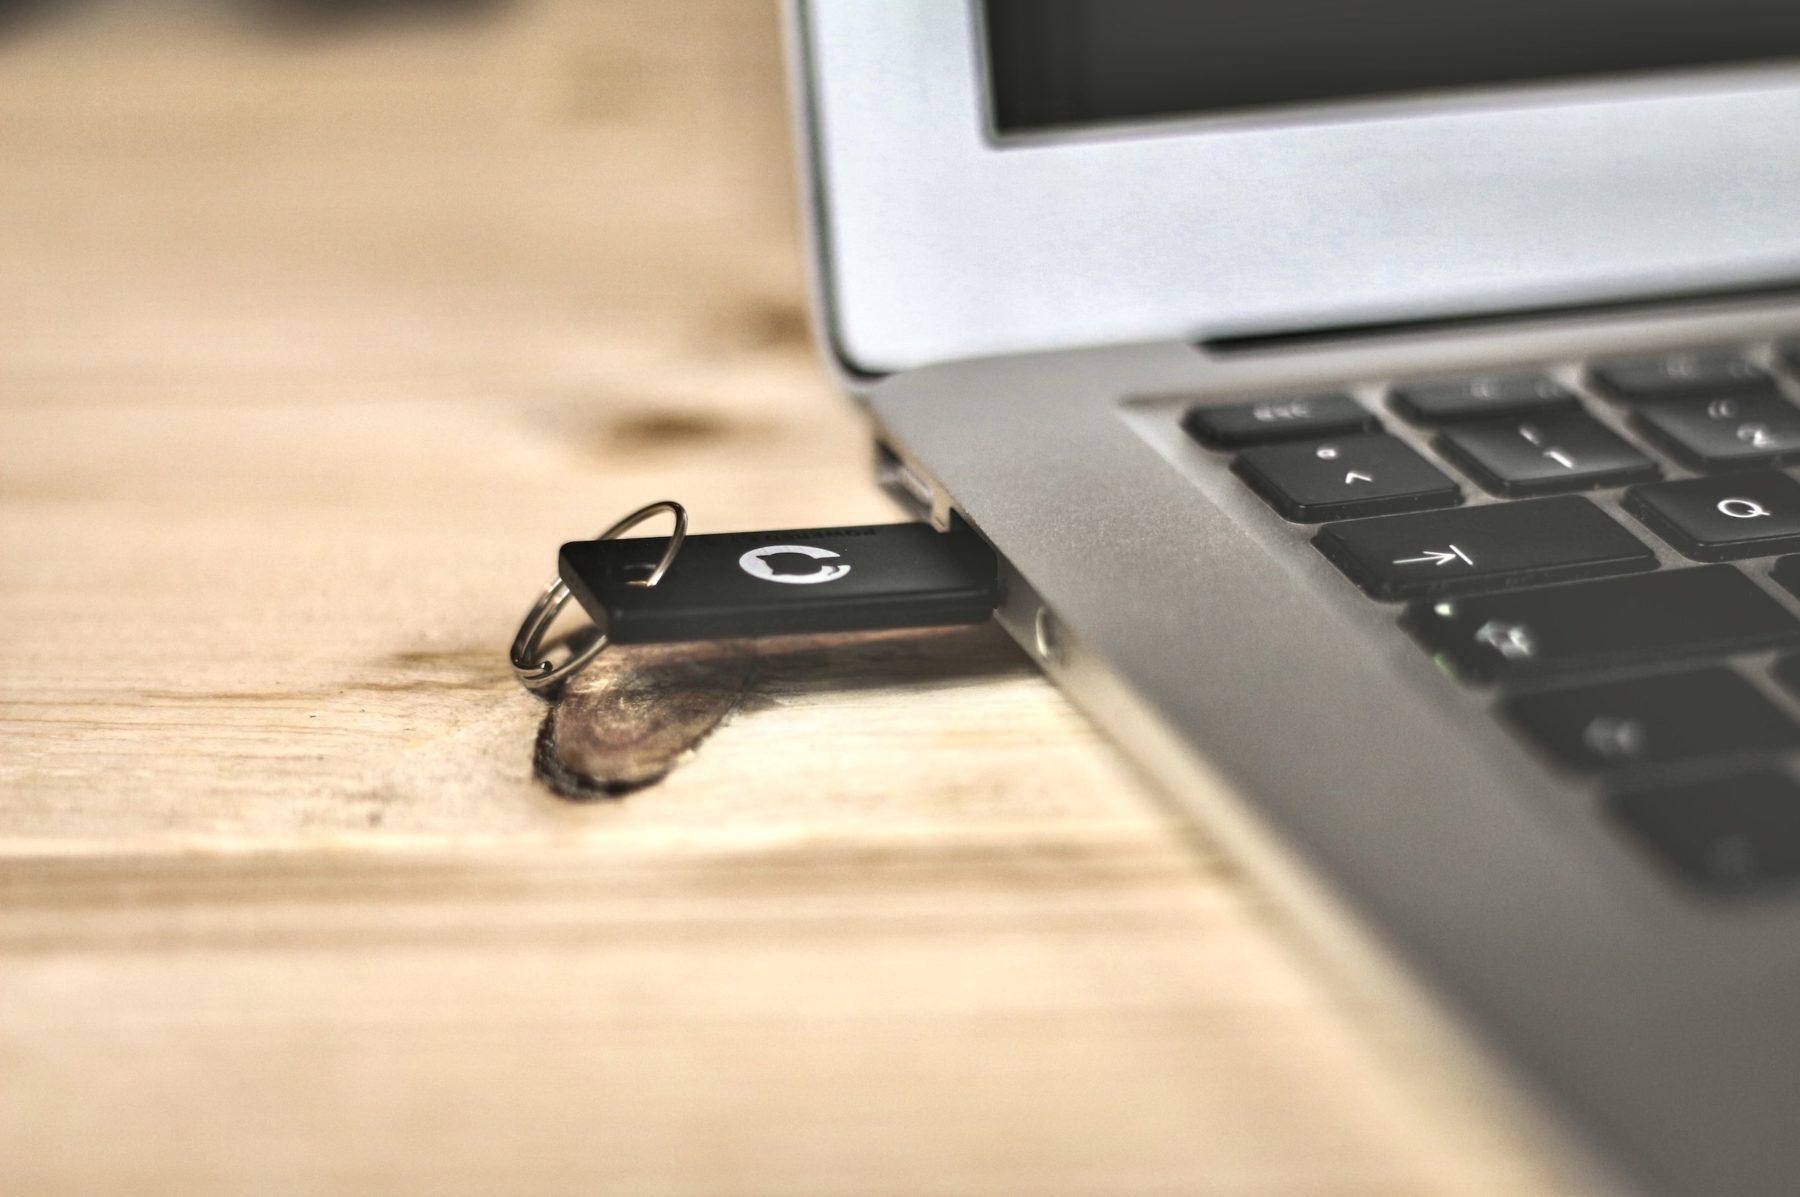 J'utilise une clé USB pour échanger mes fichiers